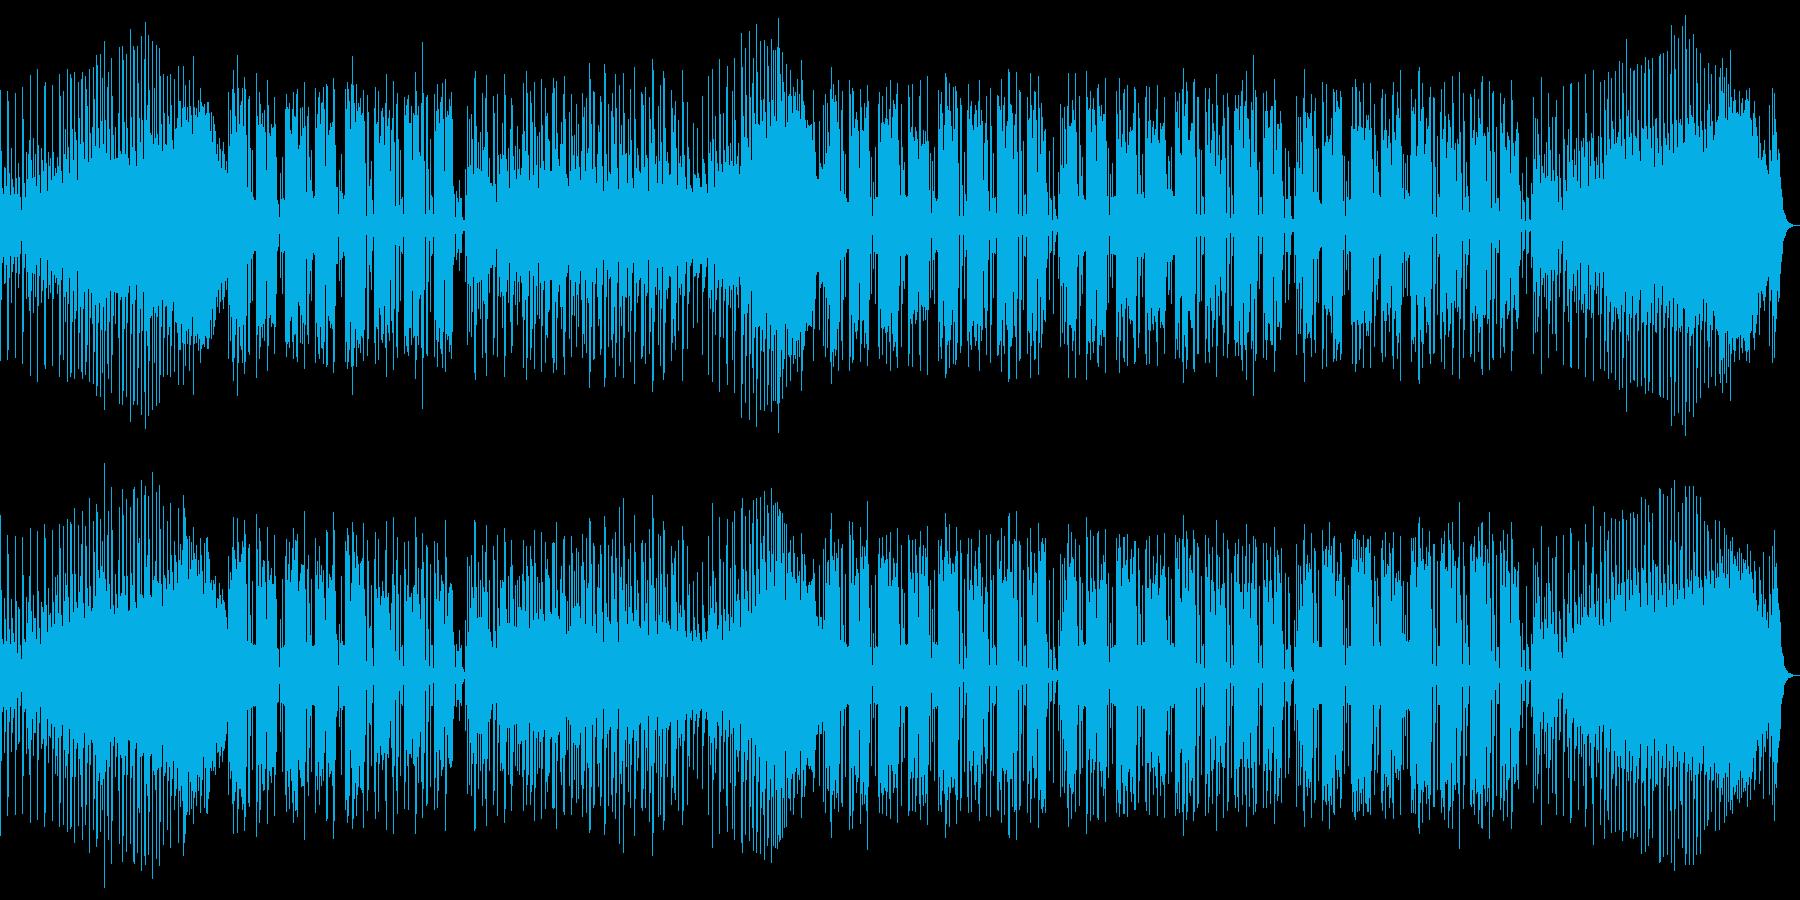 ビーチサイドの再生済みの波形